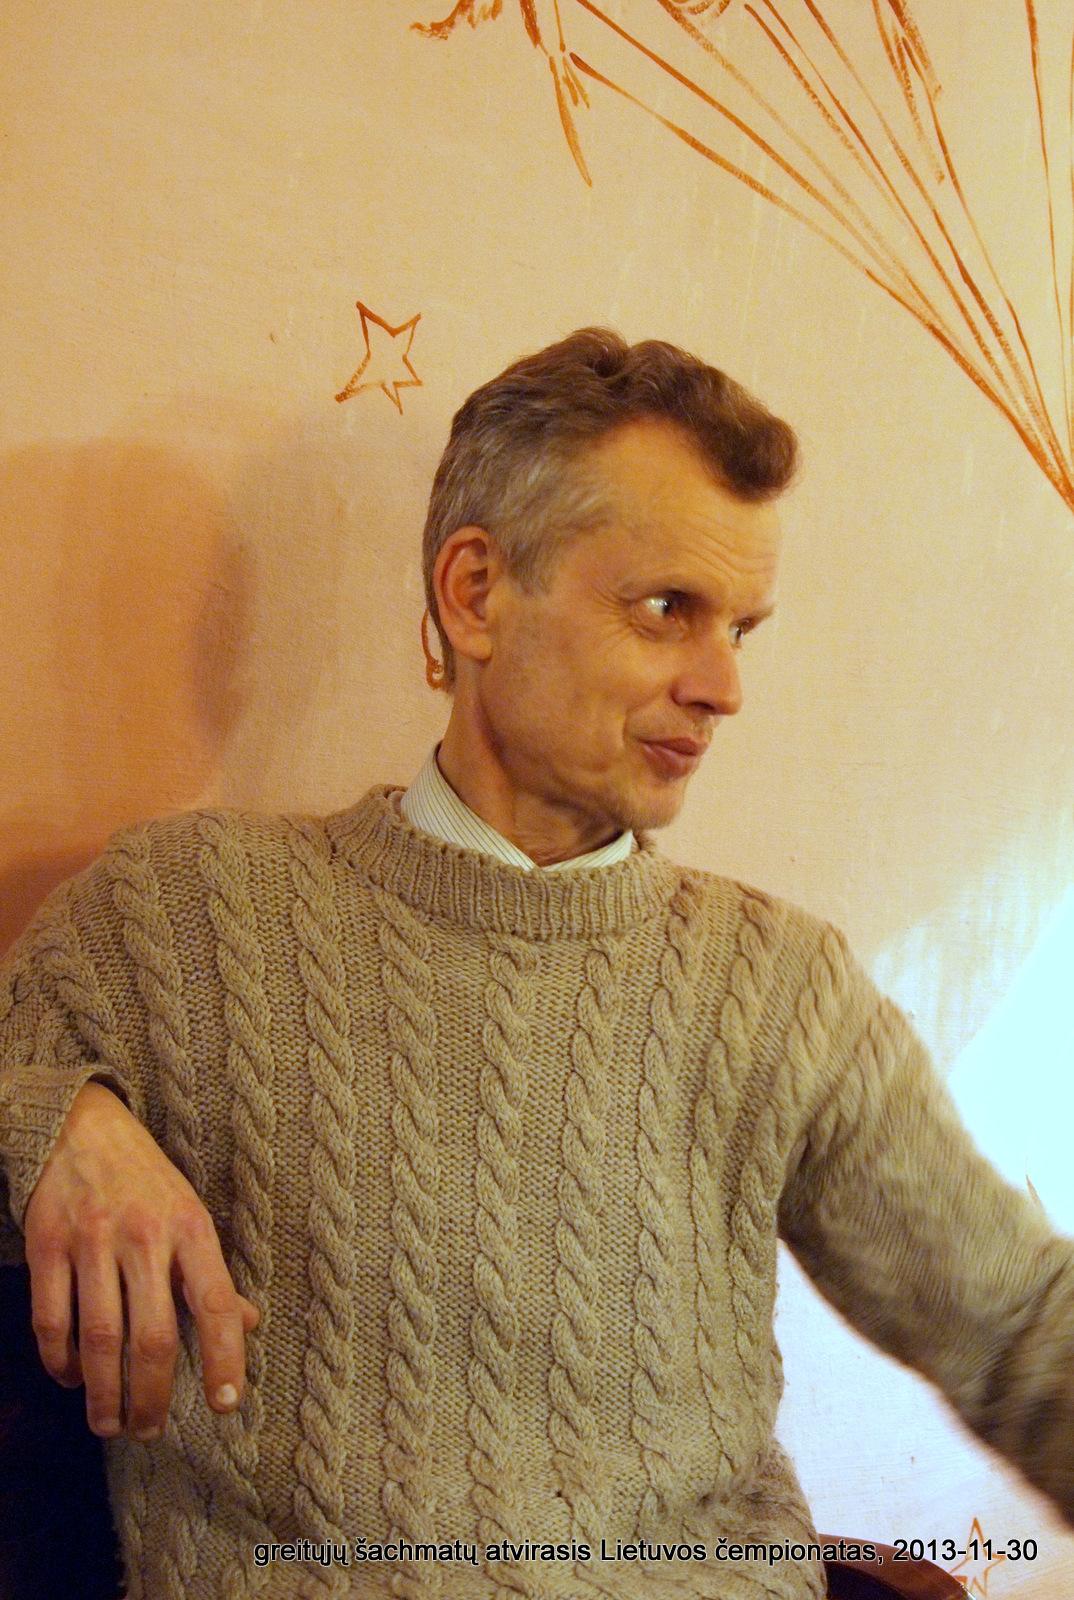 greitųjų šachmatų atvirasis Lietuvos čempionatas, 2013-11-30; IM Antanas Zapolskis